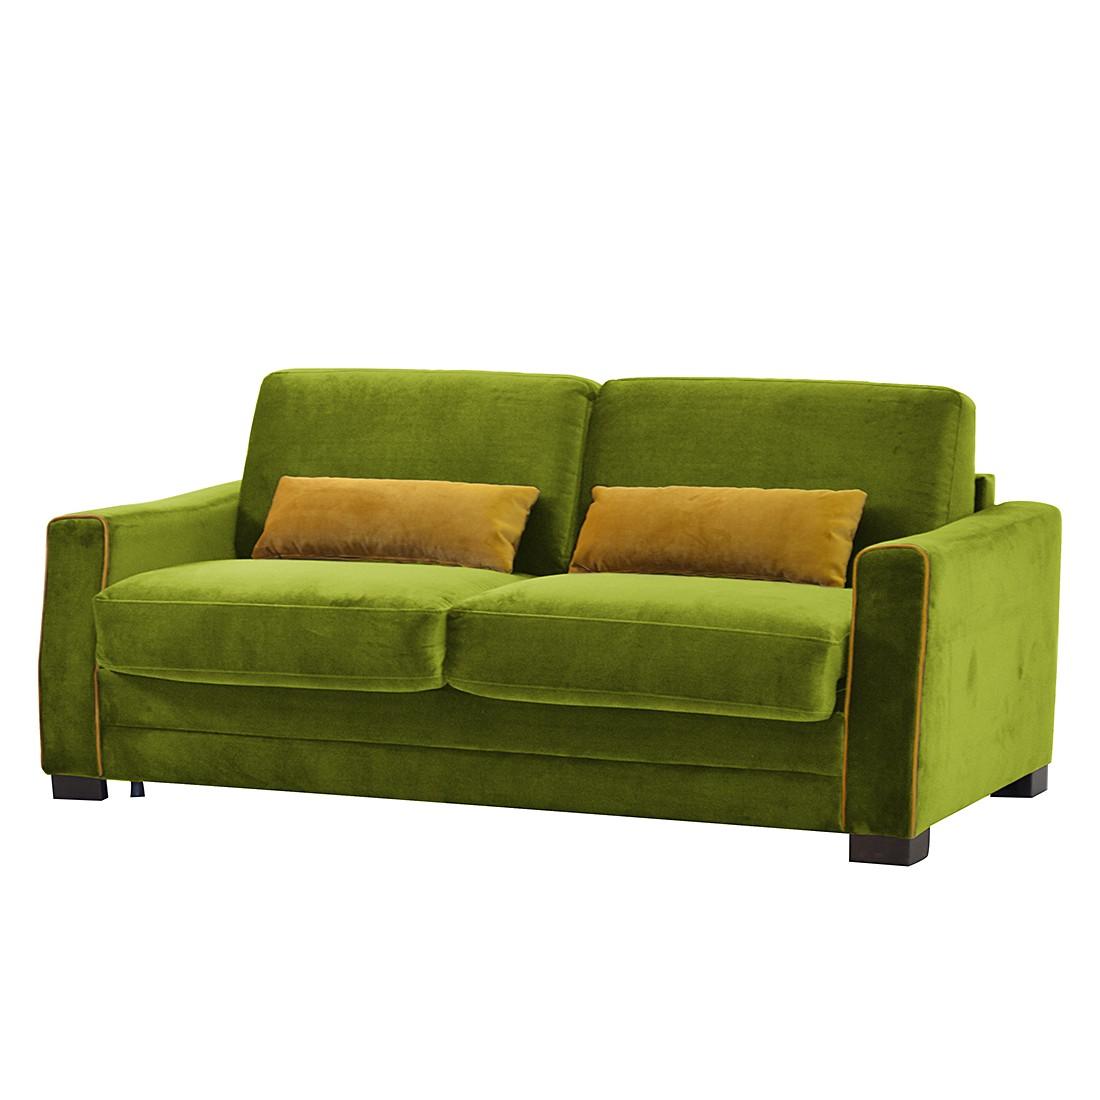 Schlafsofa Evangeline – Microfaser – Grün, roomscape günstig